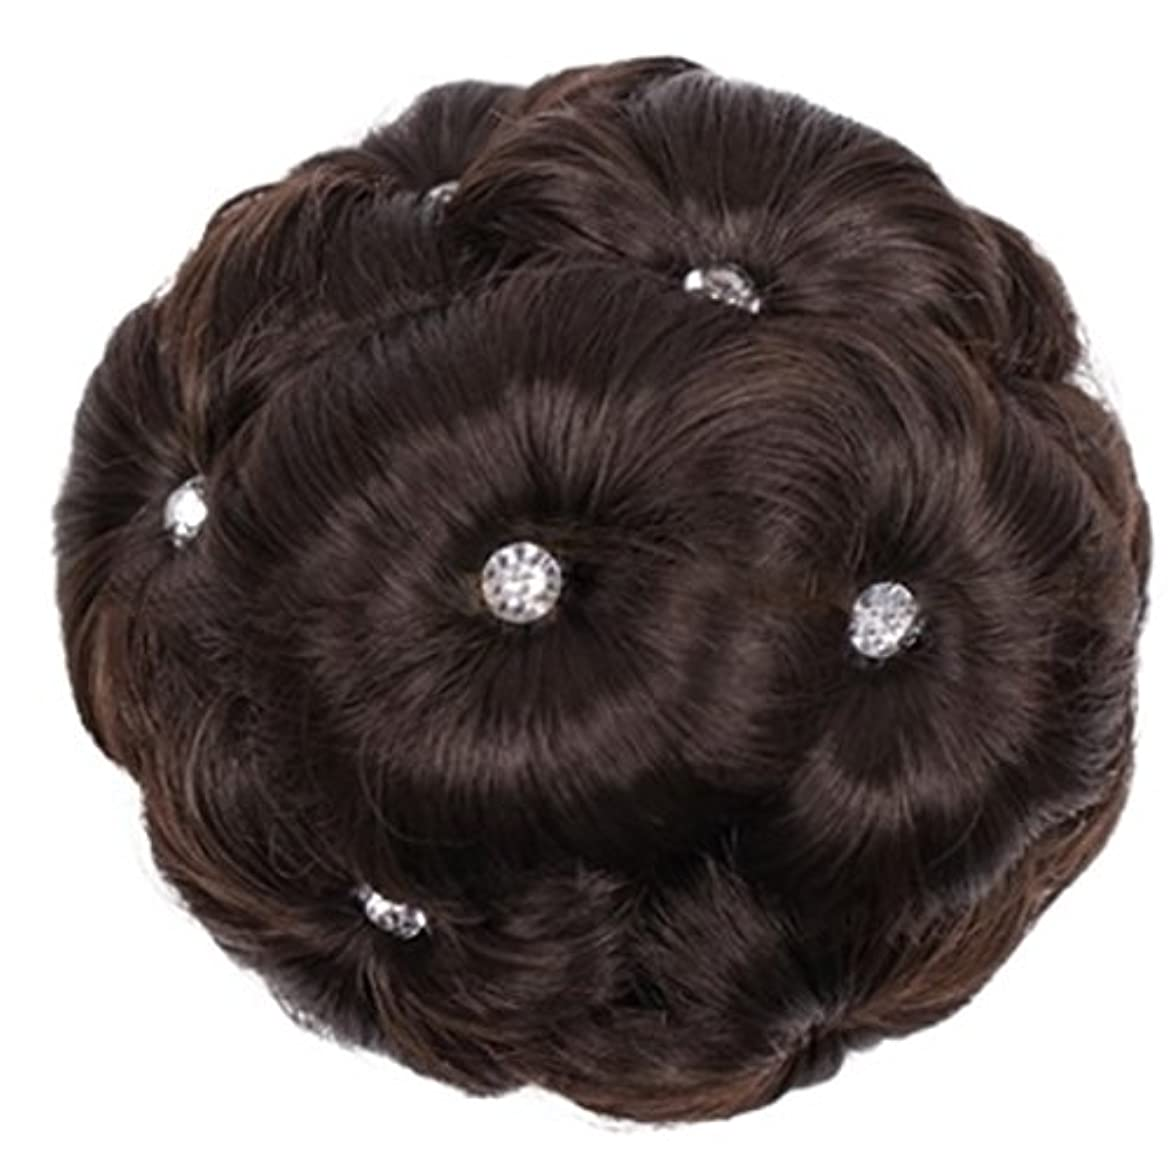 シロナガスクジラ熱心なそこDoyvanntgo 合成繊維髪の毛の拡張子は、ドリルナインフラワーヘッドと女性のためのスクーチーヘアピース (Color : 4#)